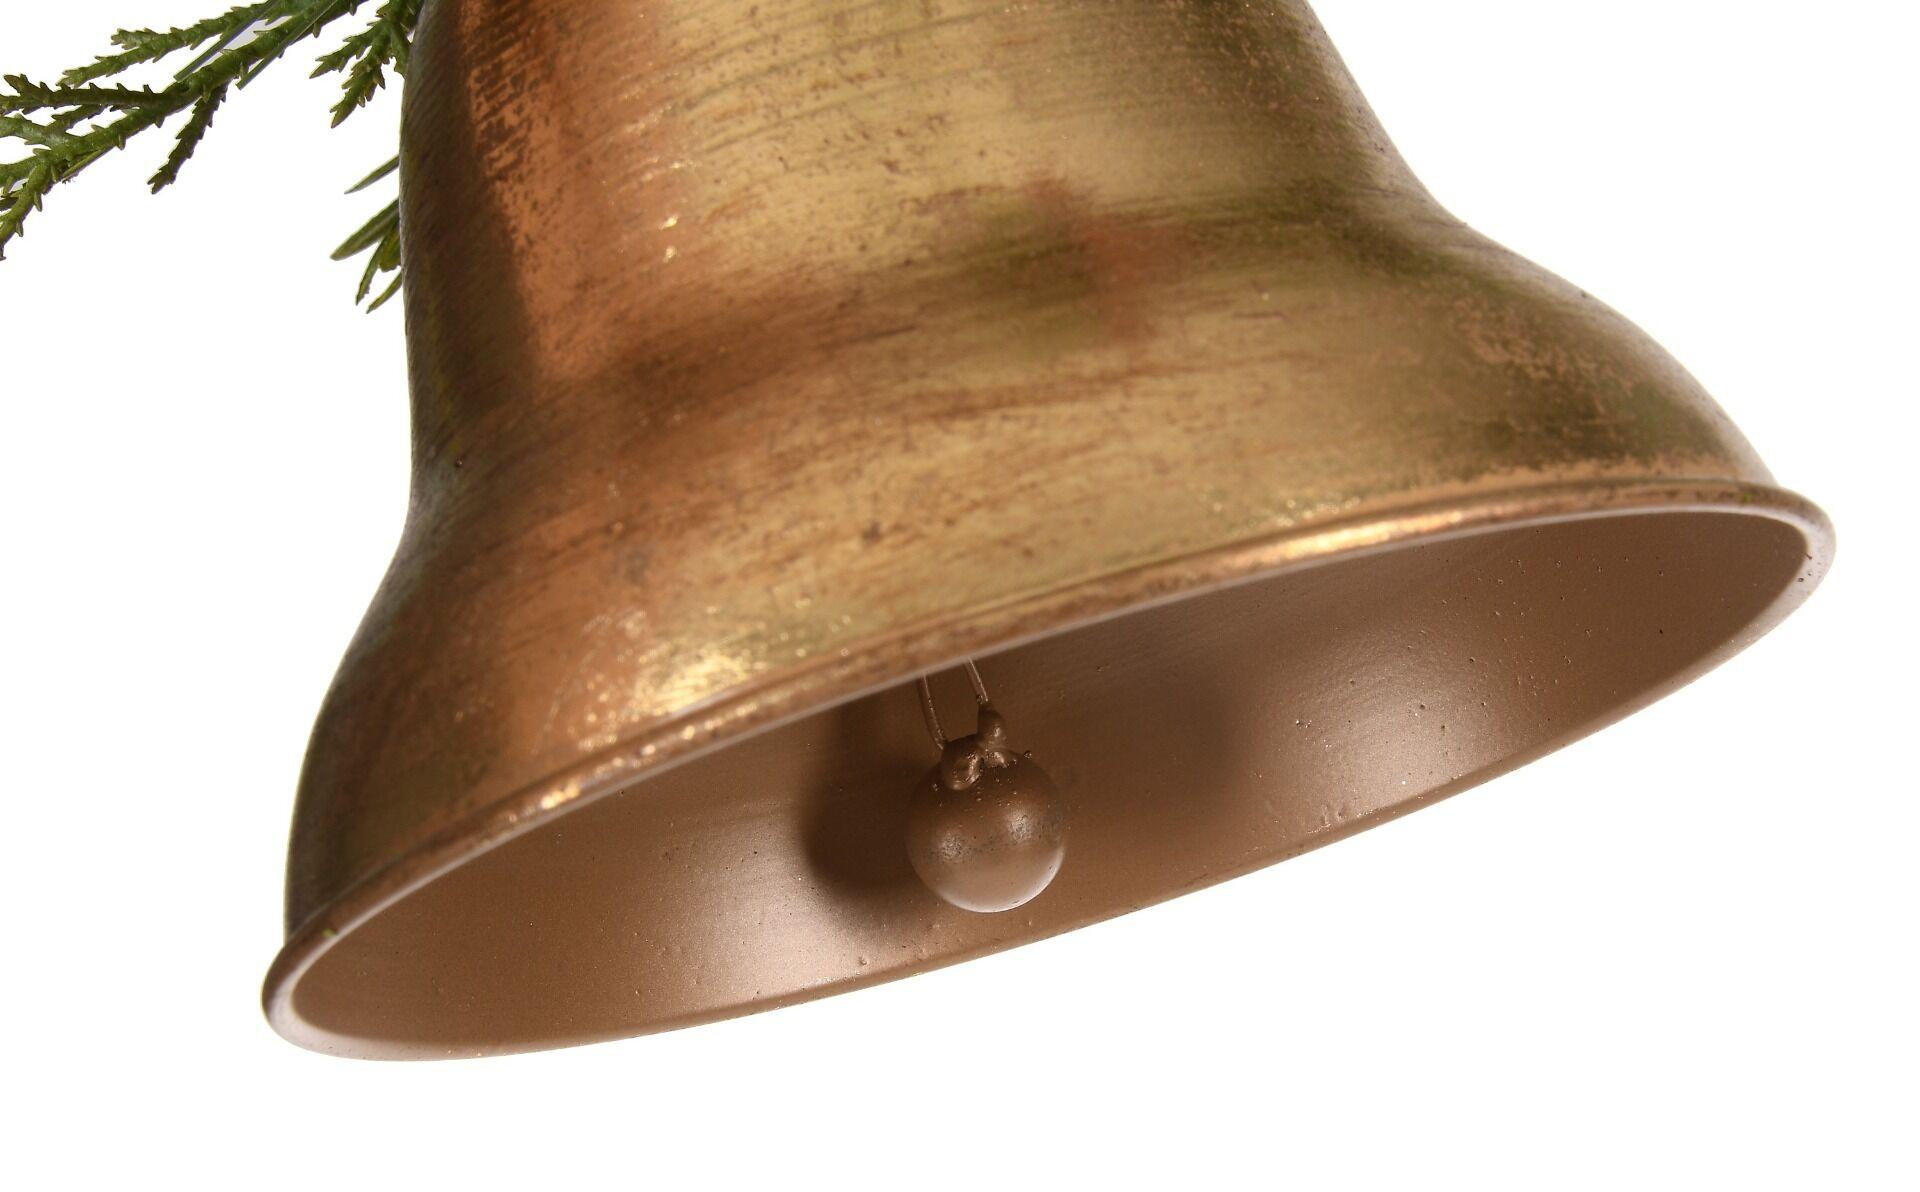 Girlanda świąteczna z dzwonem 100x23x14cm